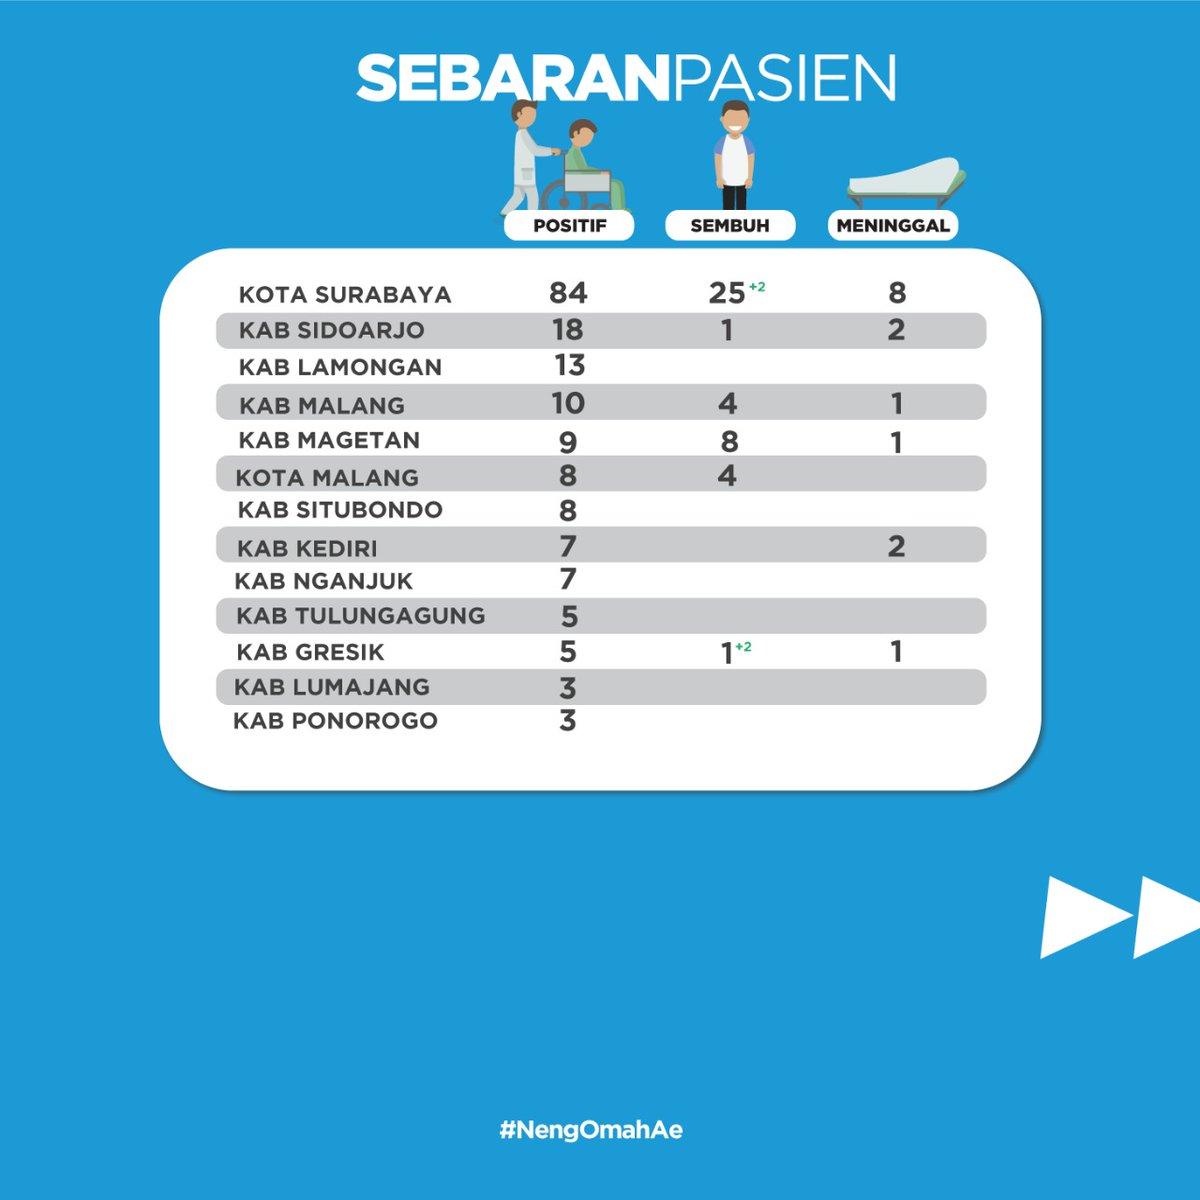 Pemprov Jawa Timur On Twitter Sobat Jatim Berikut Ini Peta Sebaran Covid 19 Di Jawa Timur S D Hari Ini Rabu 8 April 2020 Tetap Jaga Kesehatan Olah Raga Yang Cukup Dan Penuhi Kebutuhan